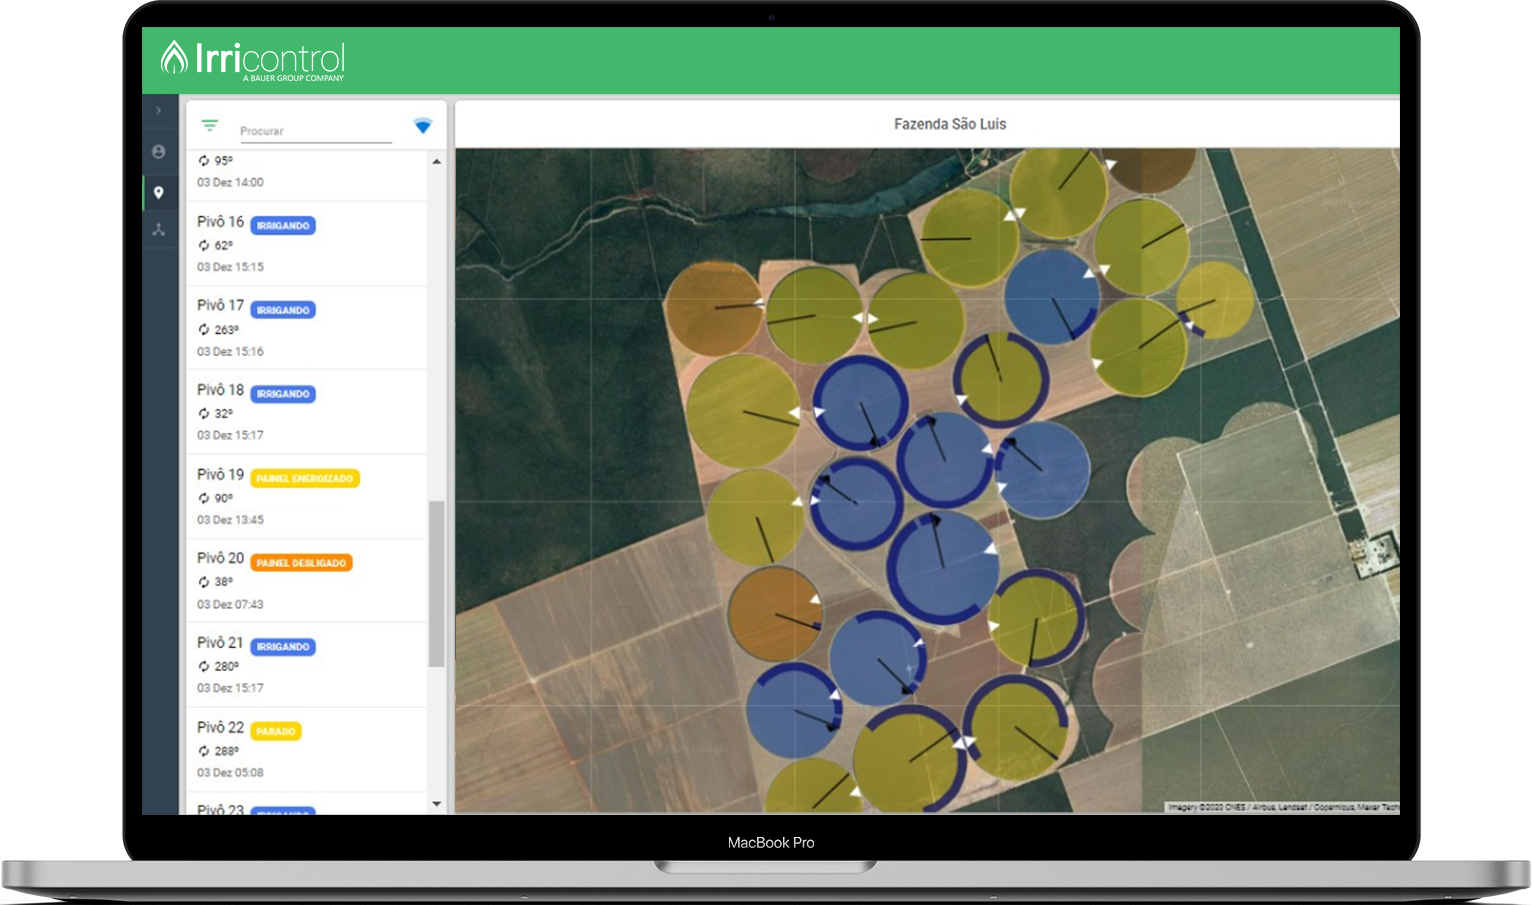 Visão geral dos pivôs automatizados da fazenda através da plataforma na tela de um notebook.